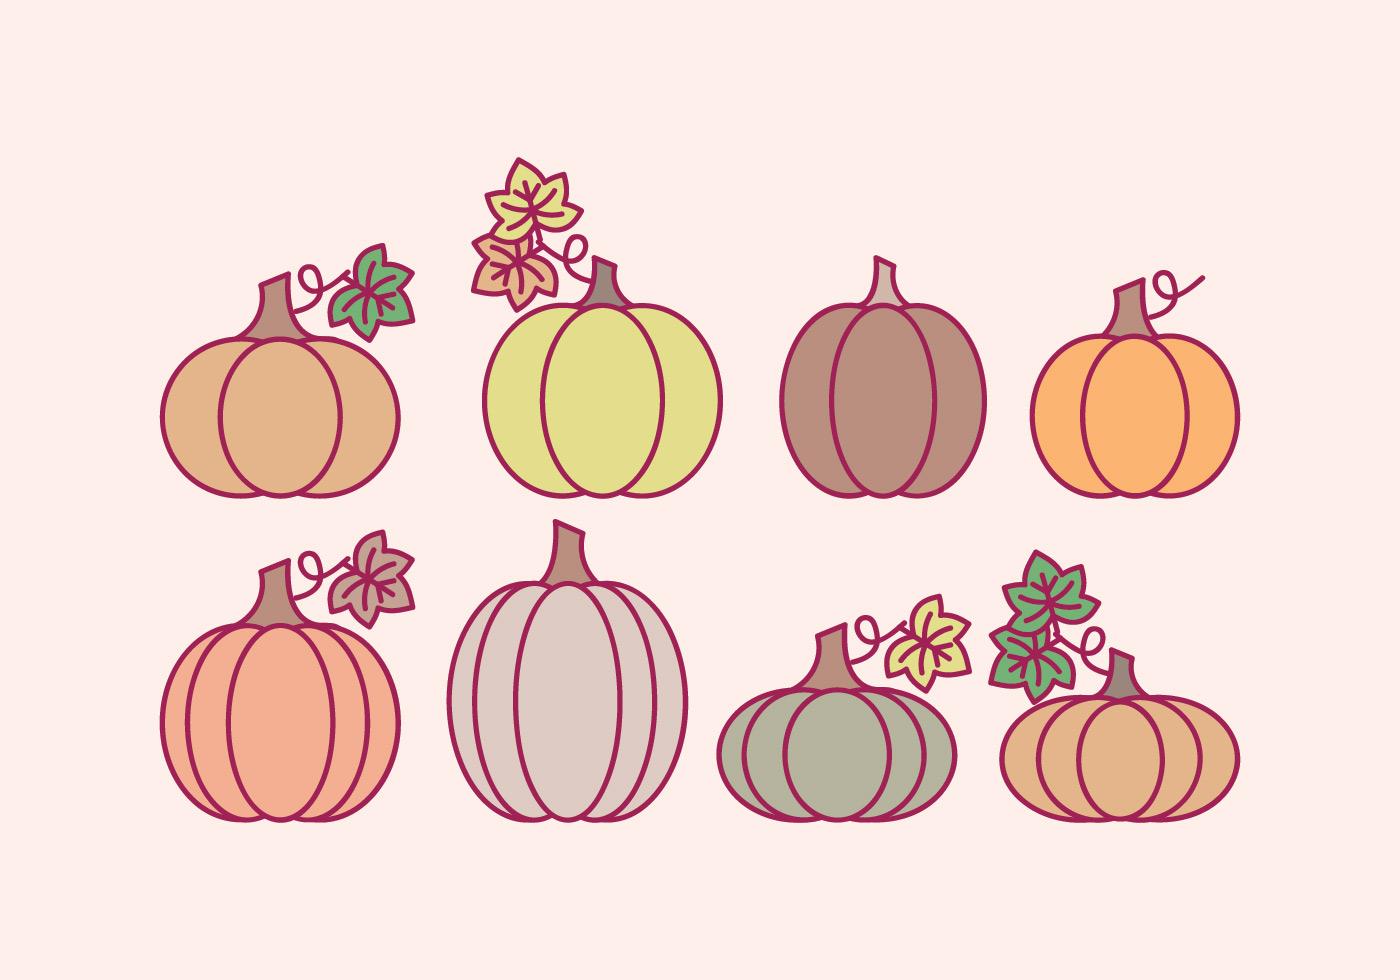 vector halloween outline pumpkins - download free vector art, stock